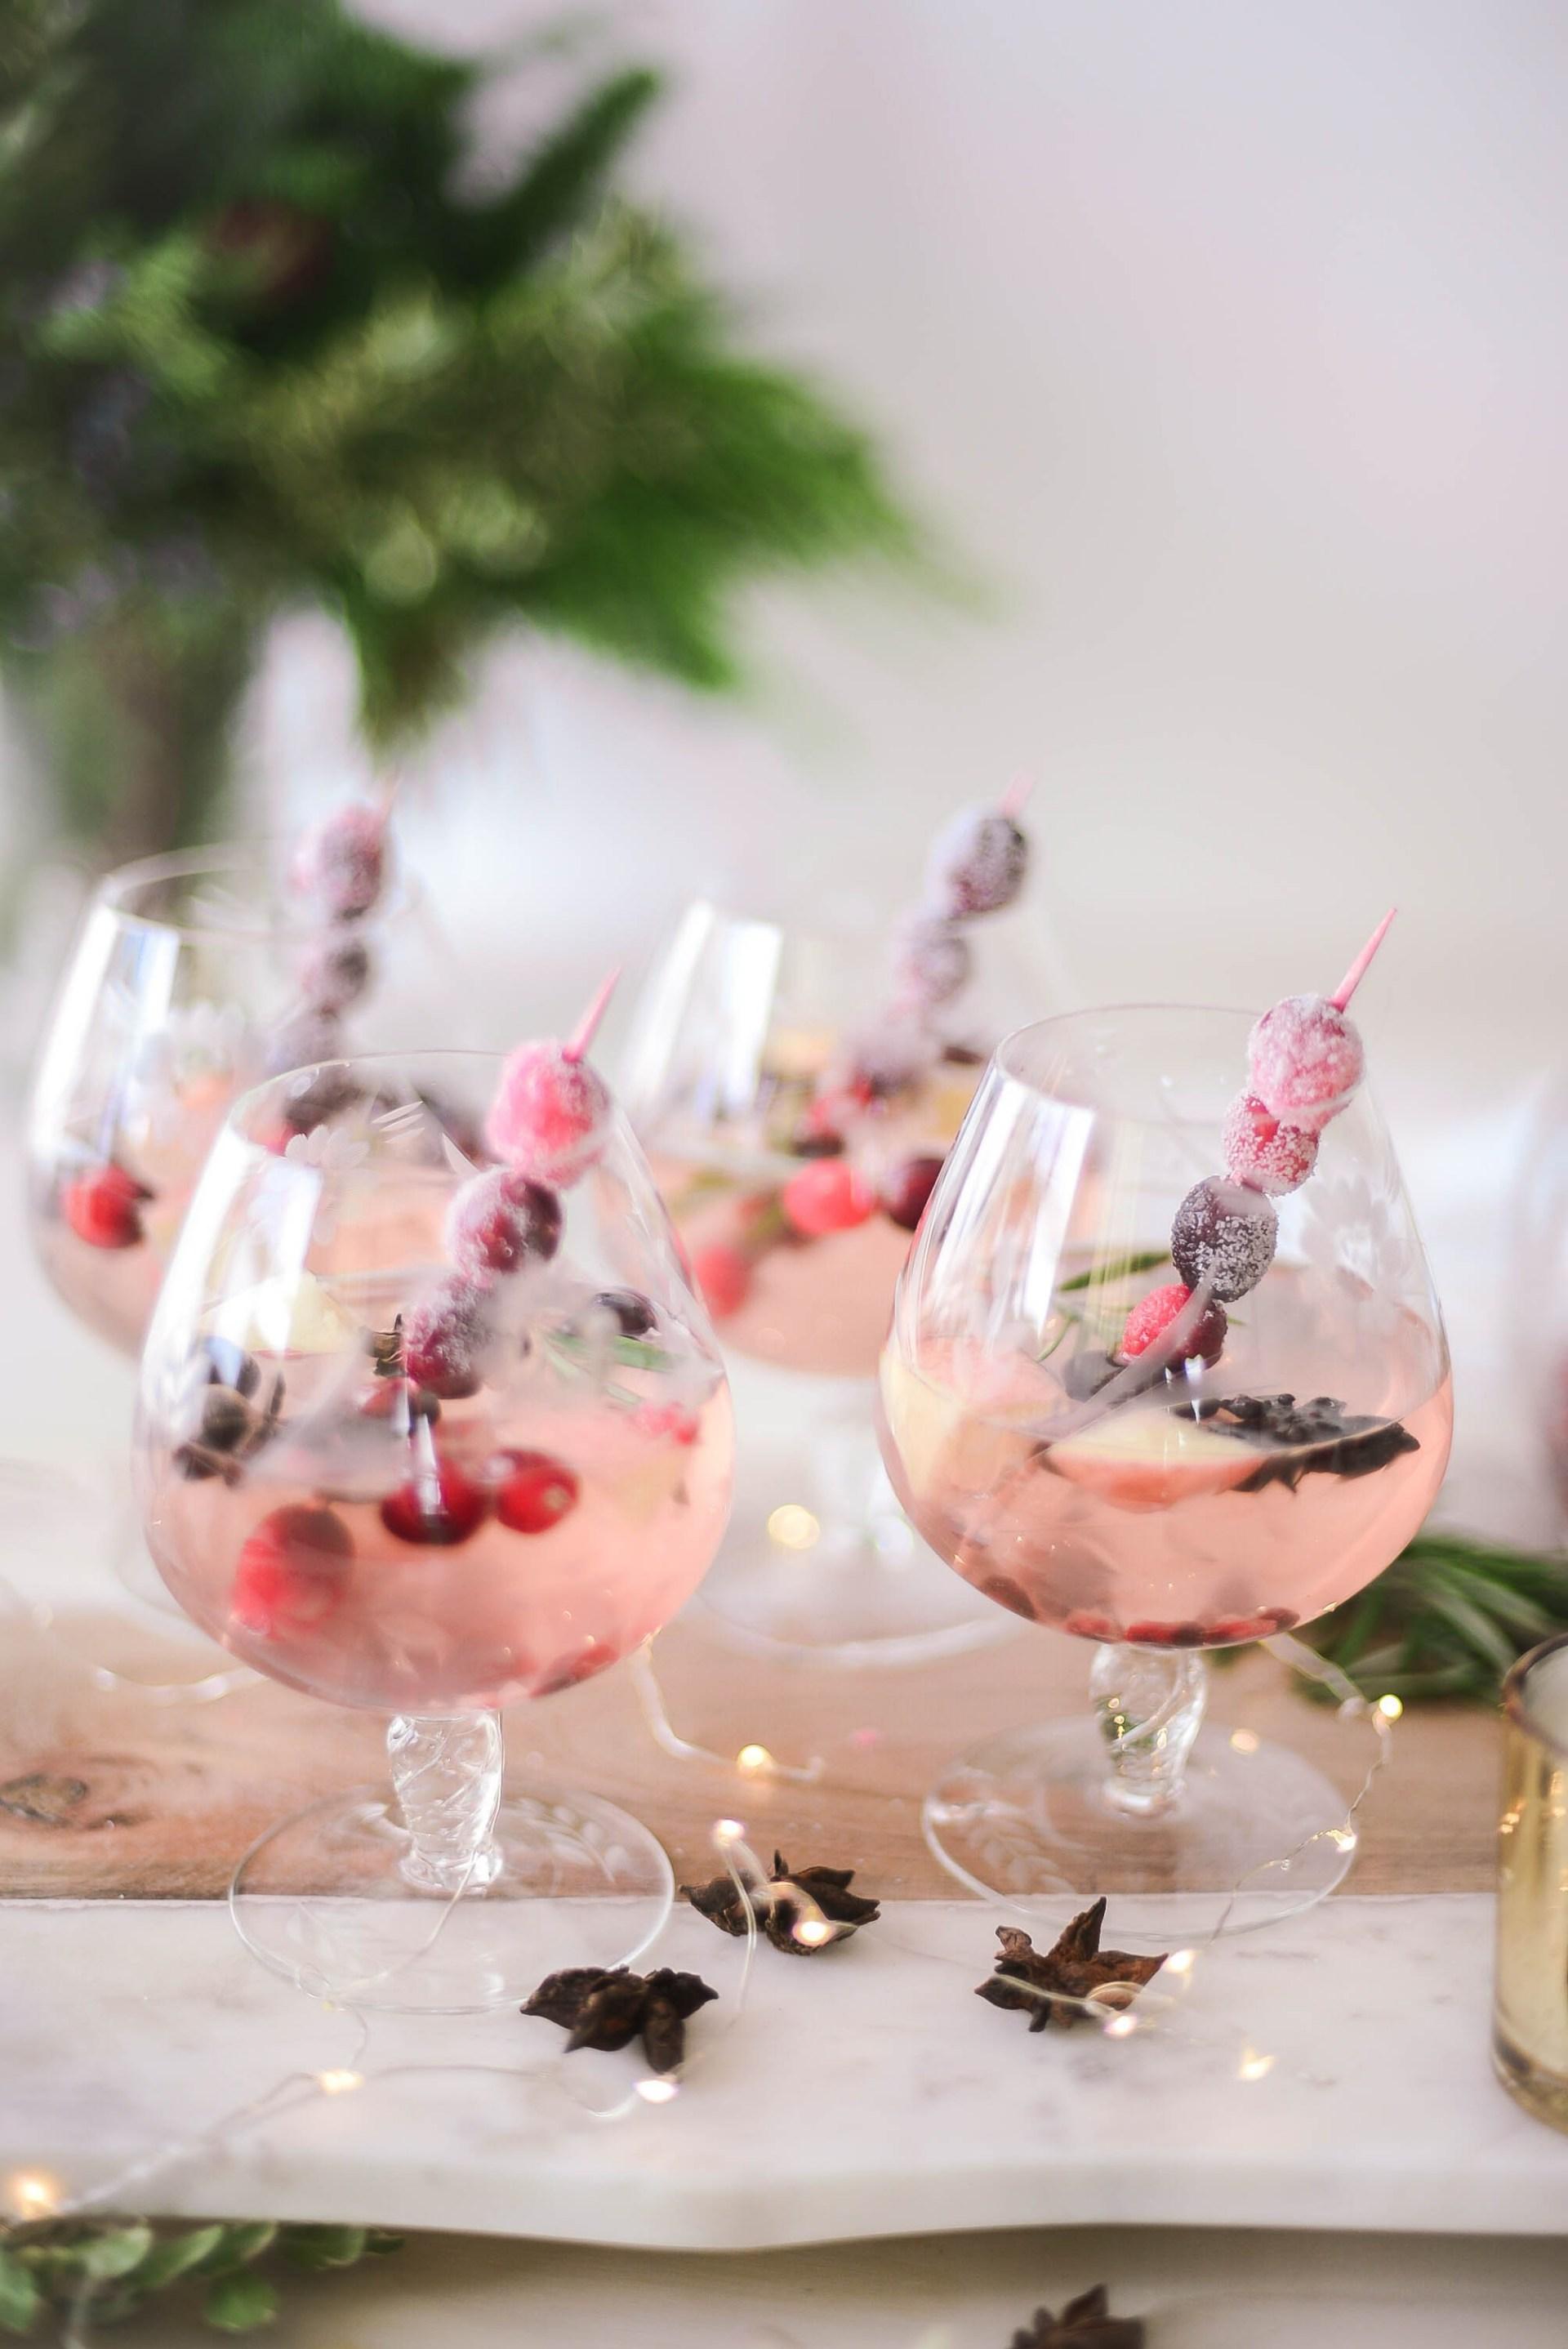 כך תרכיבו את בר האלכוהול המושלם לחתונה שלכם